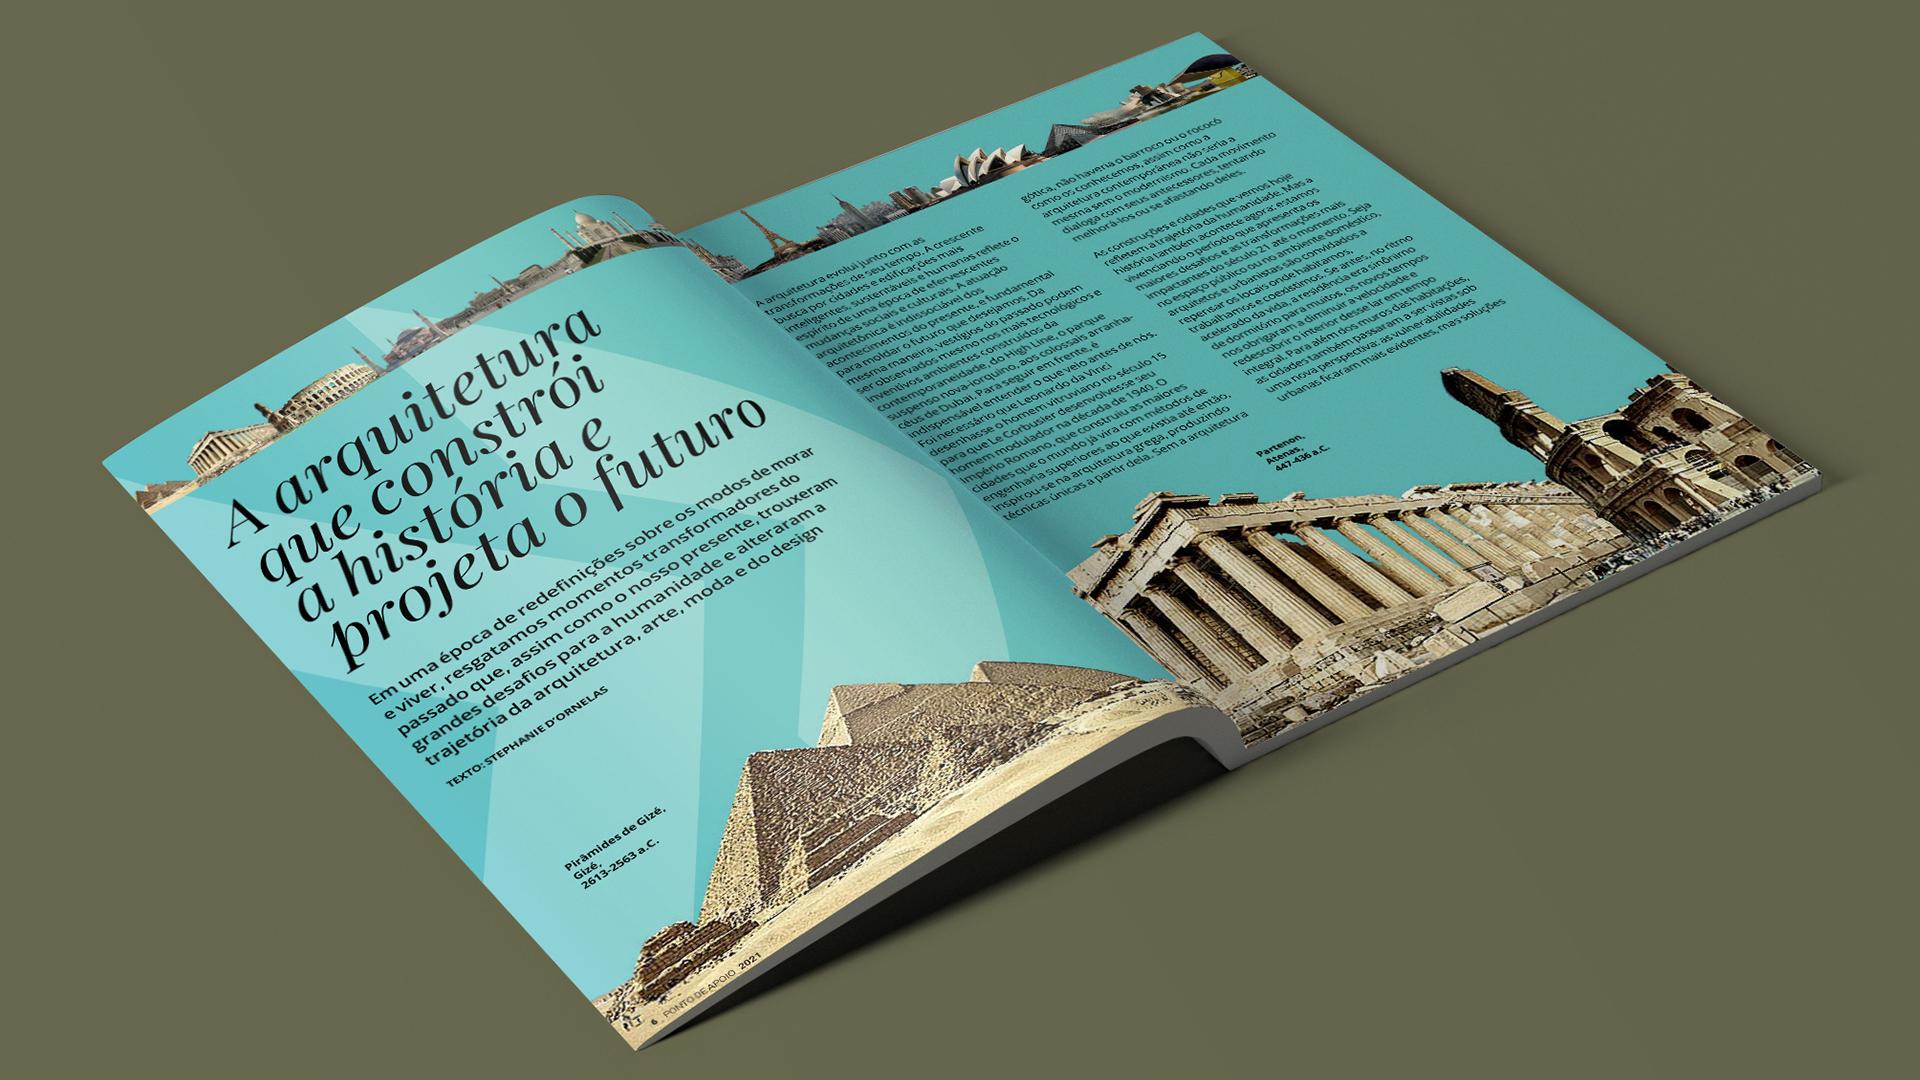 Ebook apresenta análise de momentos históricos da arquitetura, da Grécia Antiga até a atualidade, incluindo apostas de Carlo Ratti para o futuro das cidades.